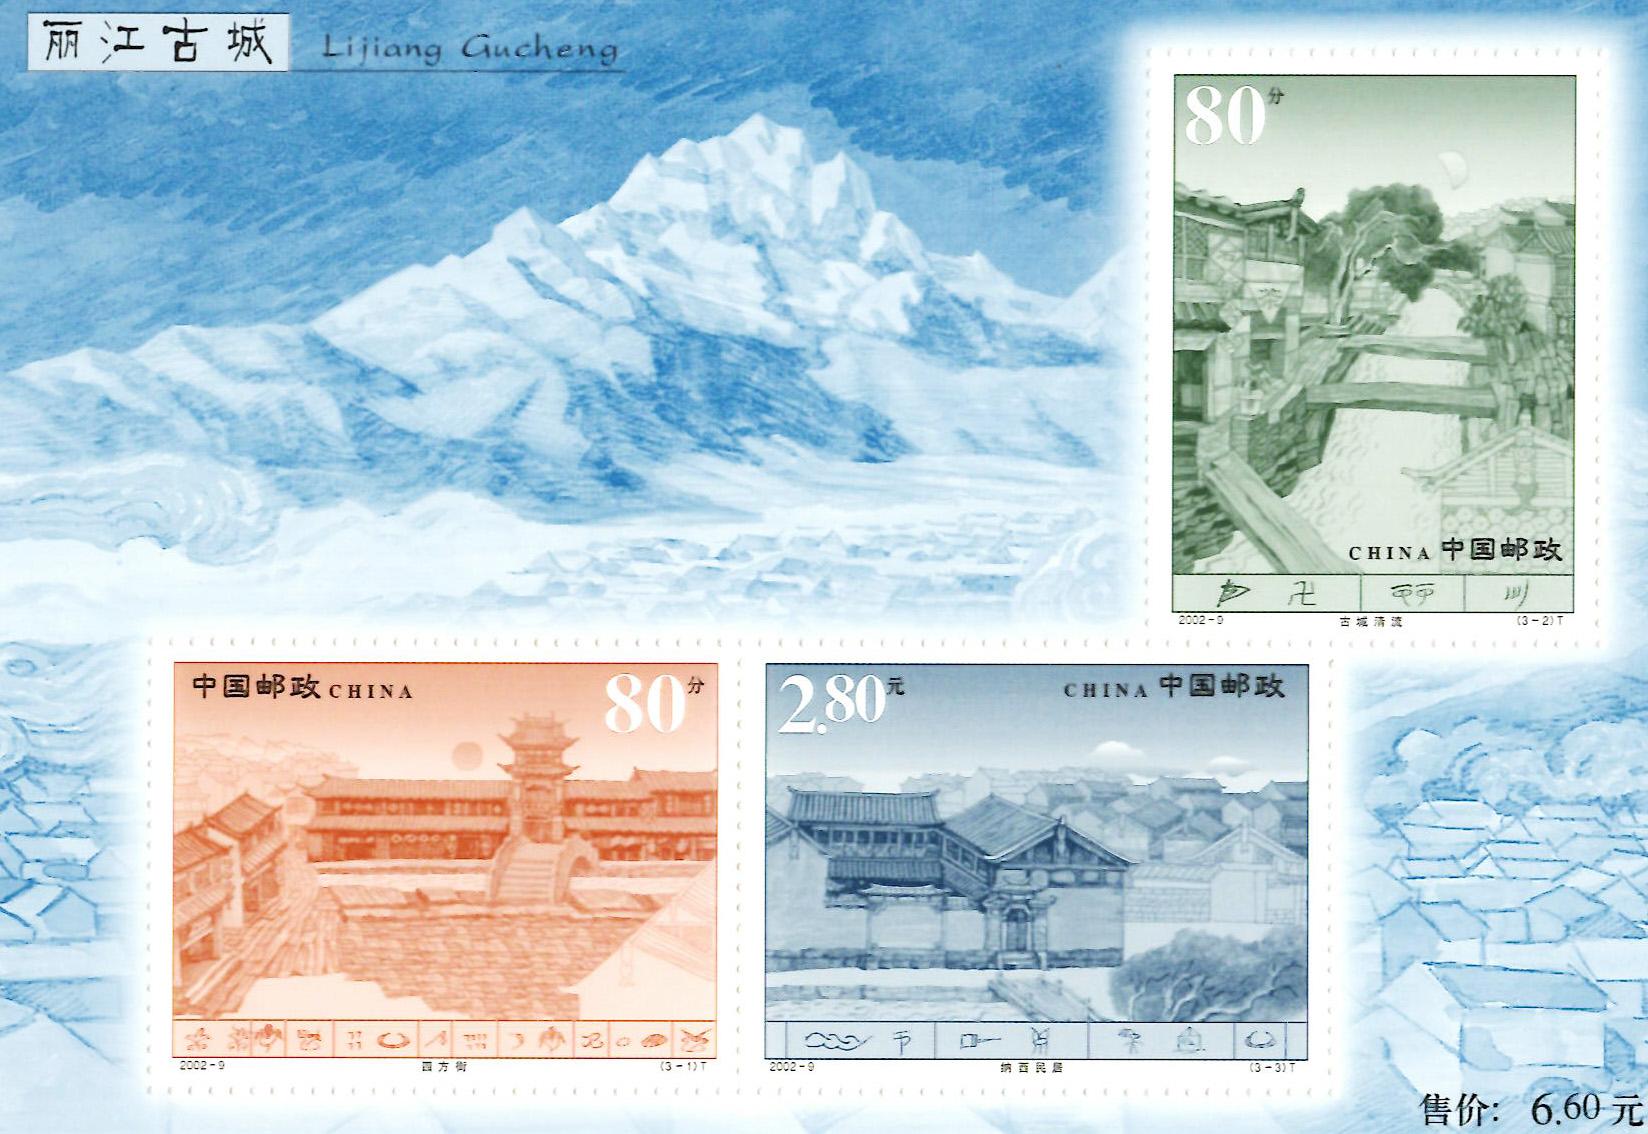 【切手】2002-9M 麗江古城(小型シ-ト)